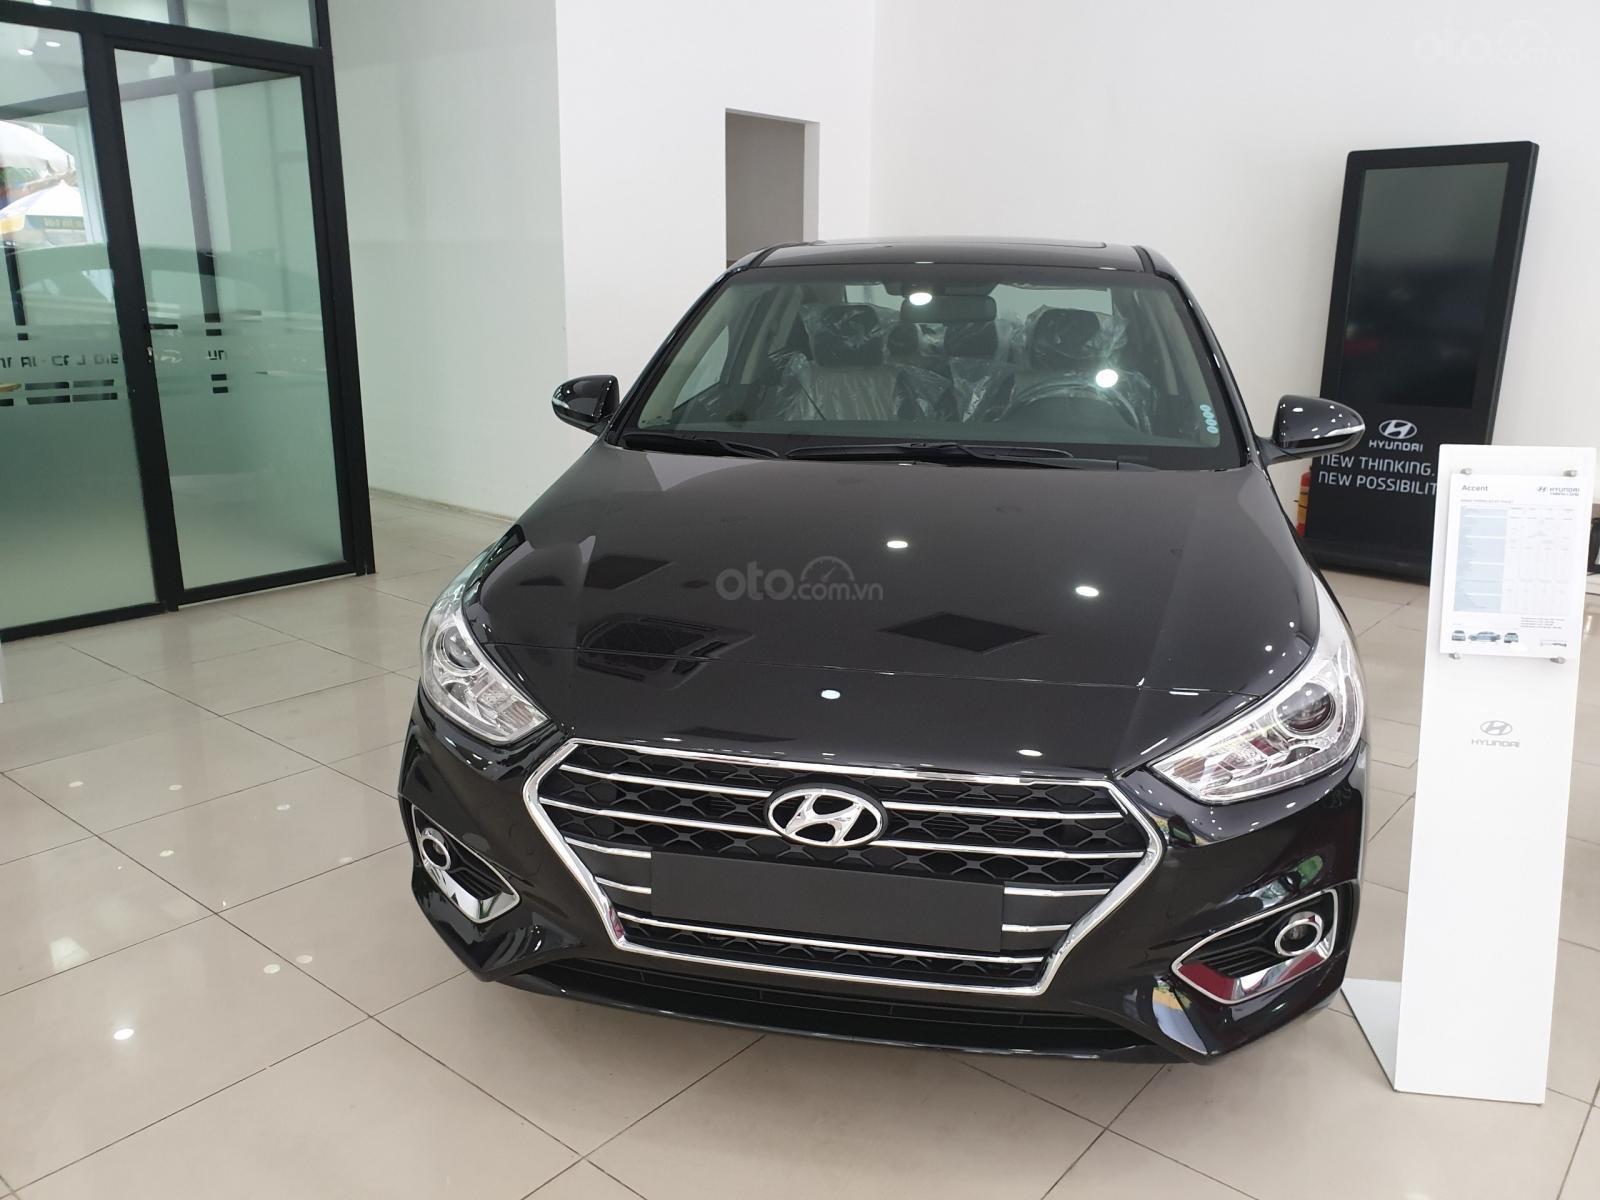 Hyundai Accent 2019, xe hiện đang có sẵn, khuyến mại cực cao, liên hệ ngay 0969895013 để ép giá-3